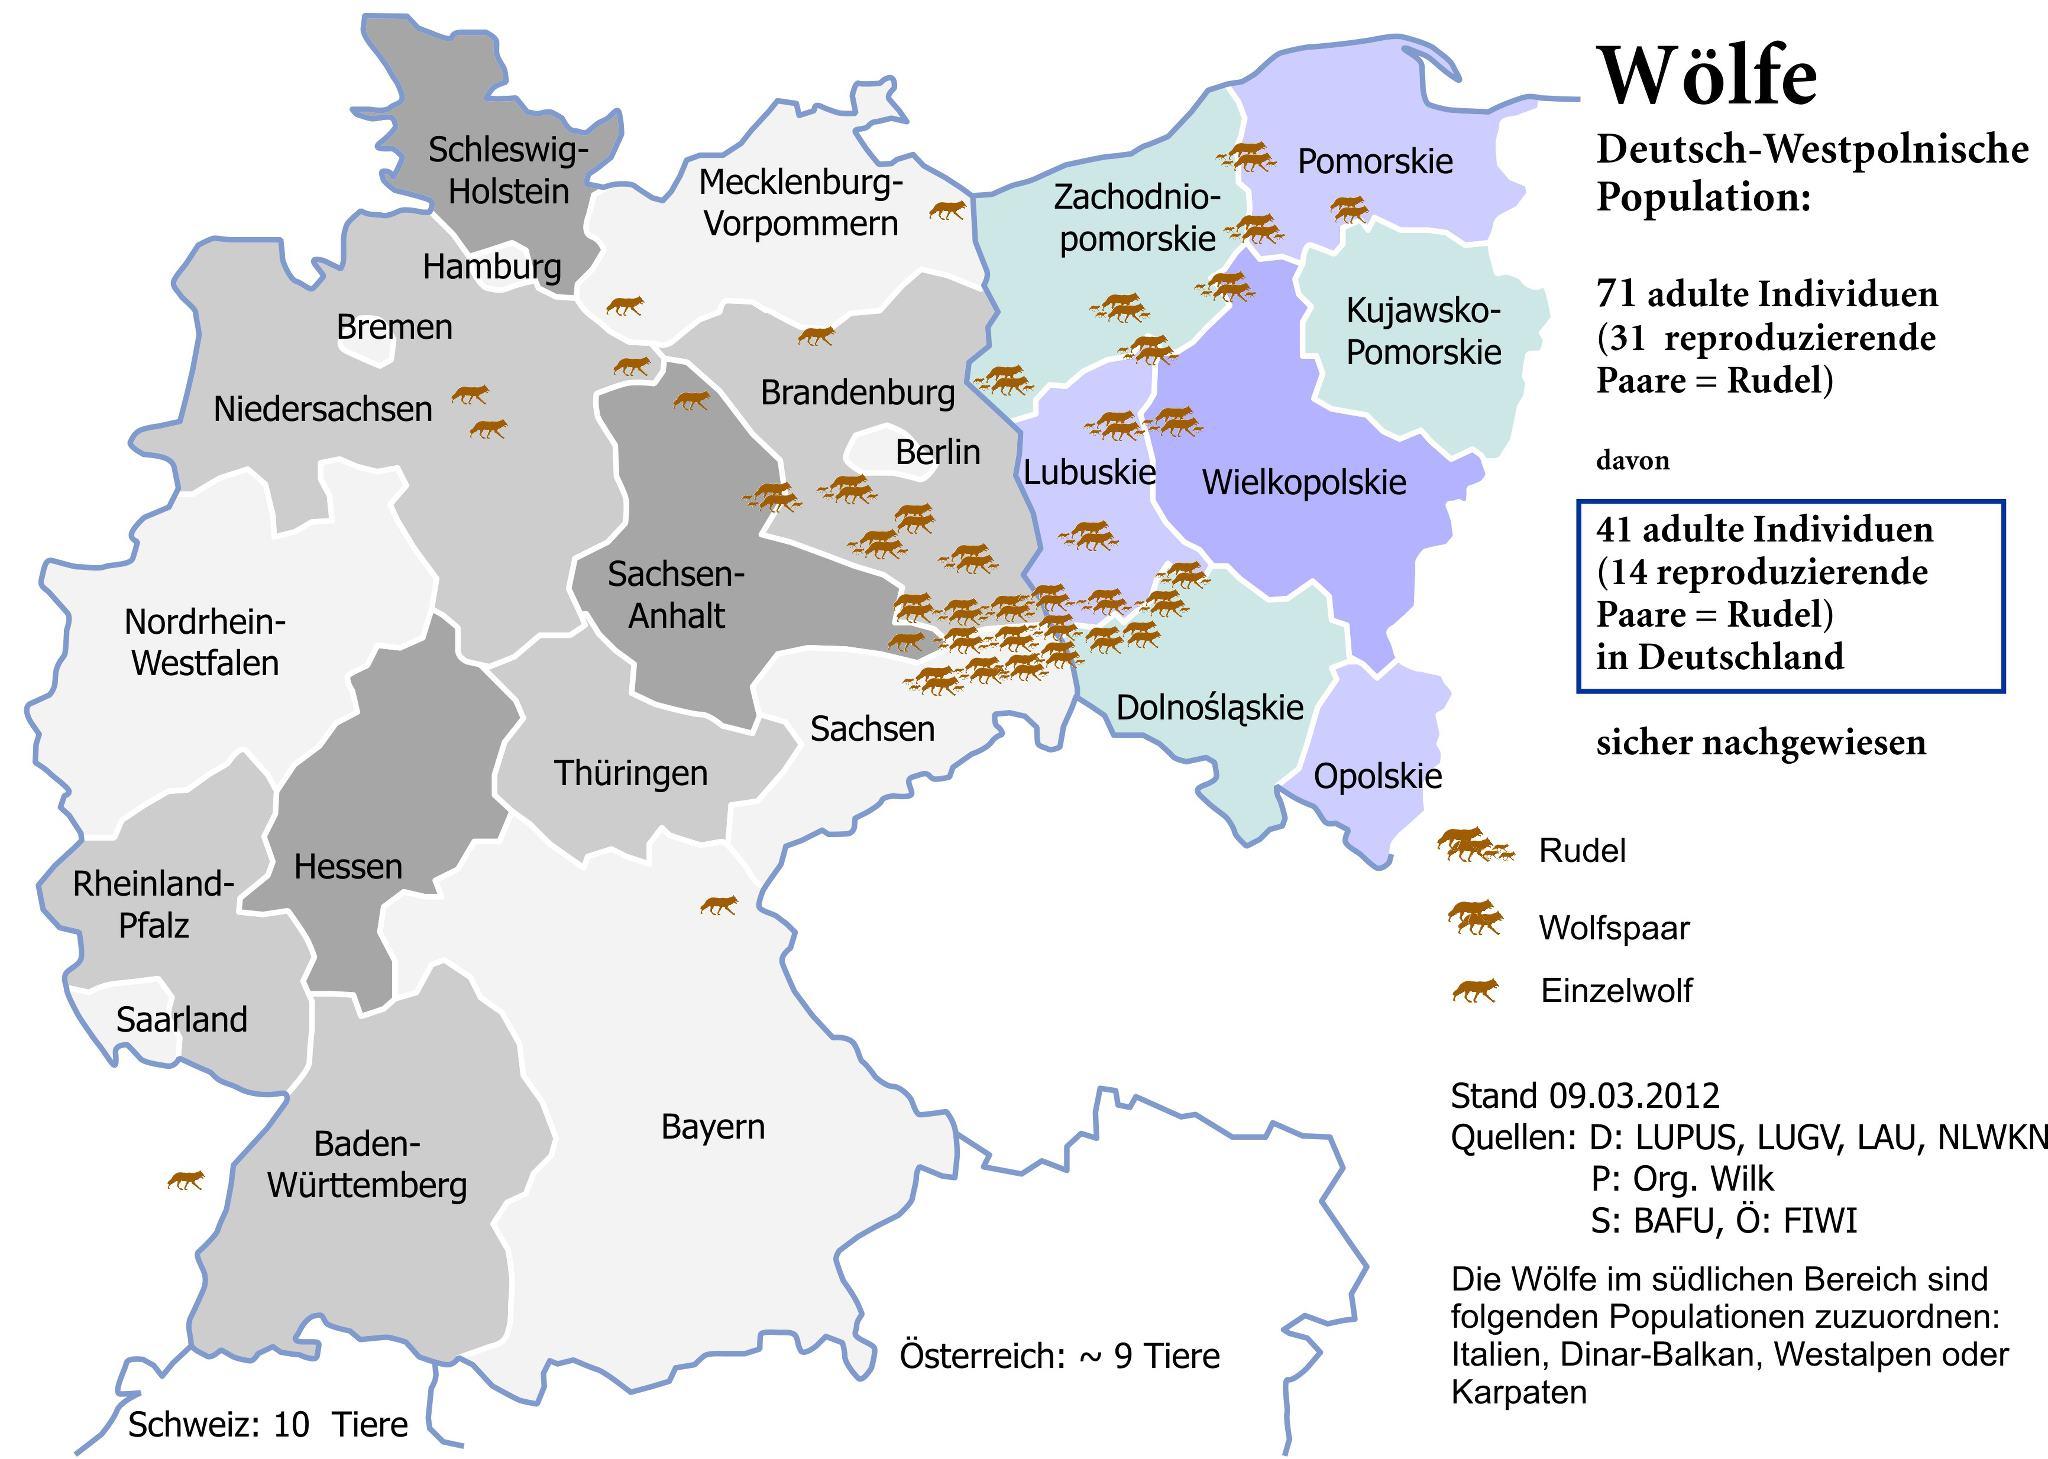 www.wolfsspur.info